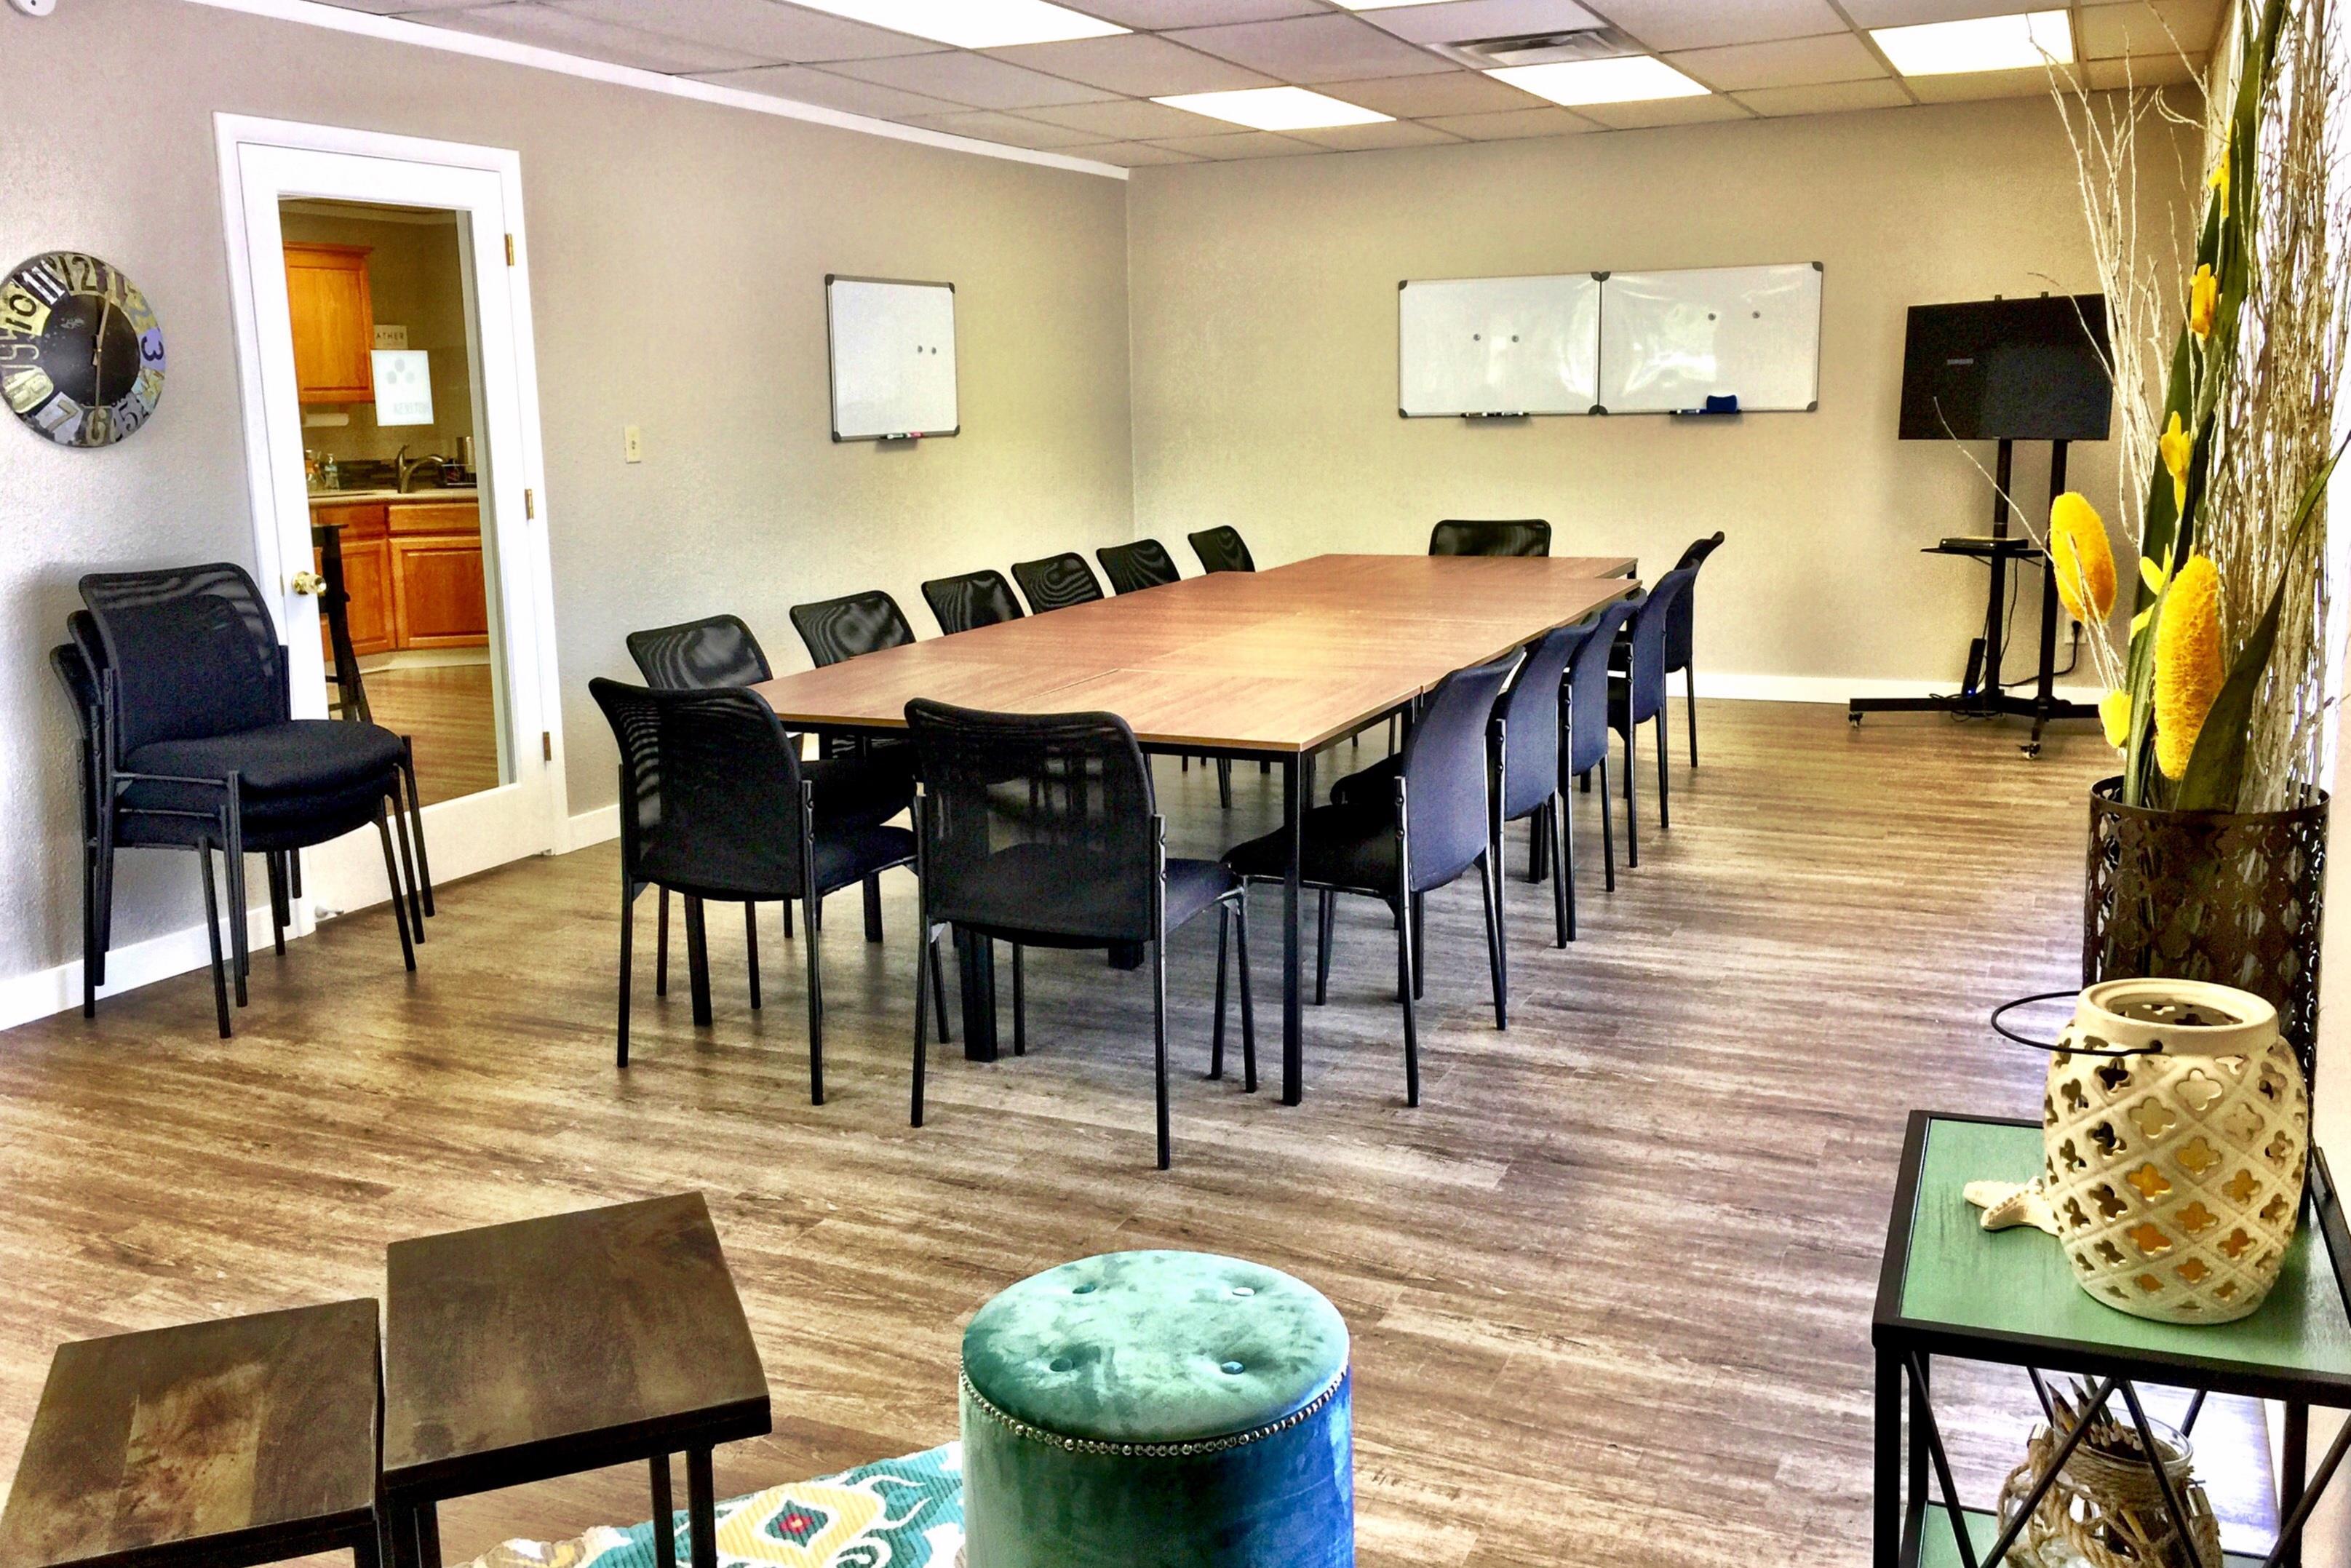 Hot Desk HQ - Large Conference Room 20-25